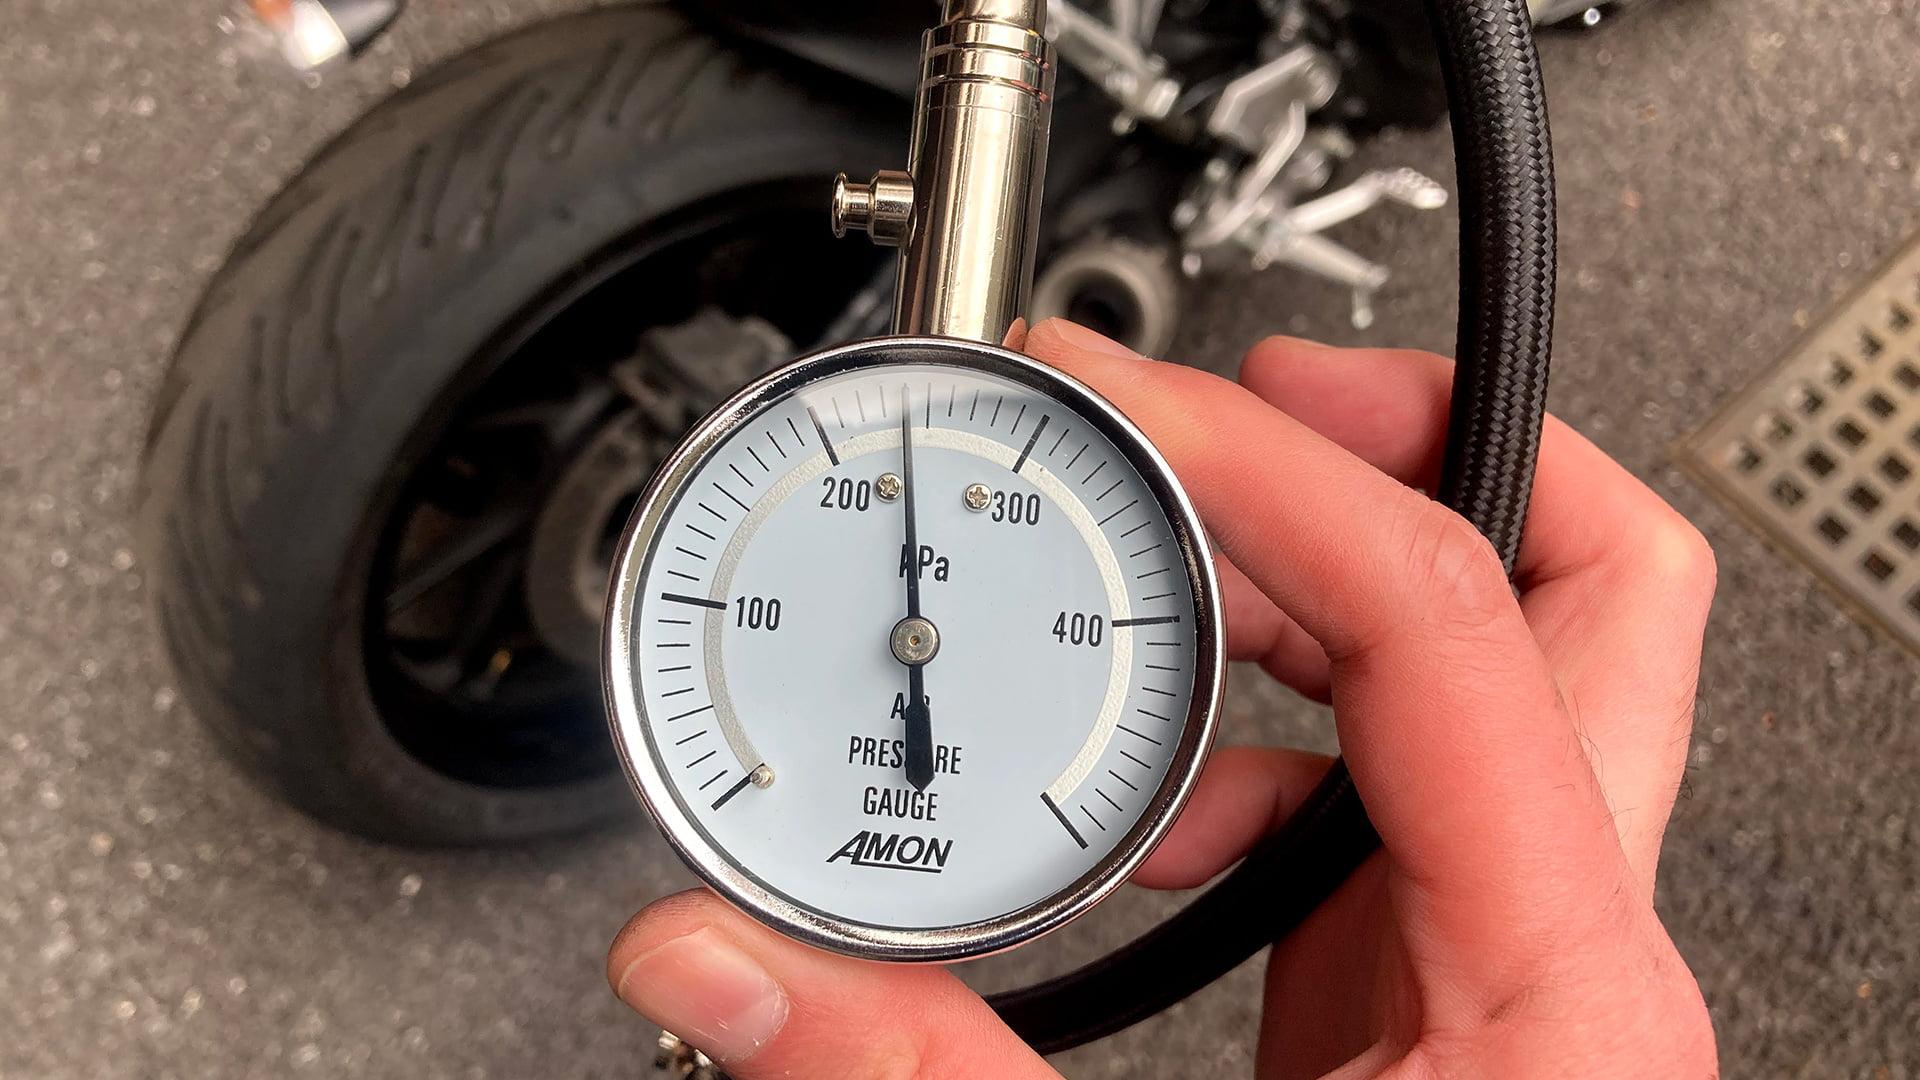 バイクの空気圧は自分でチェックするのが一番効率イイ